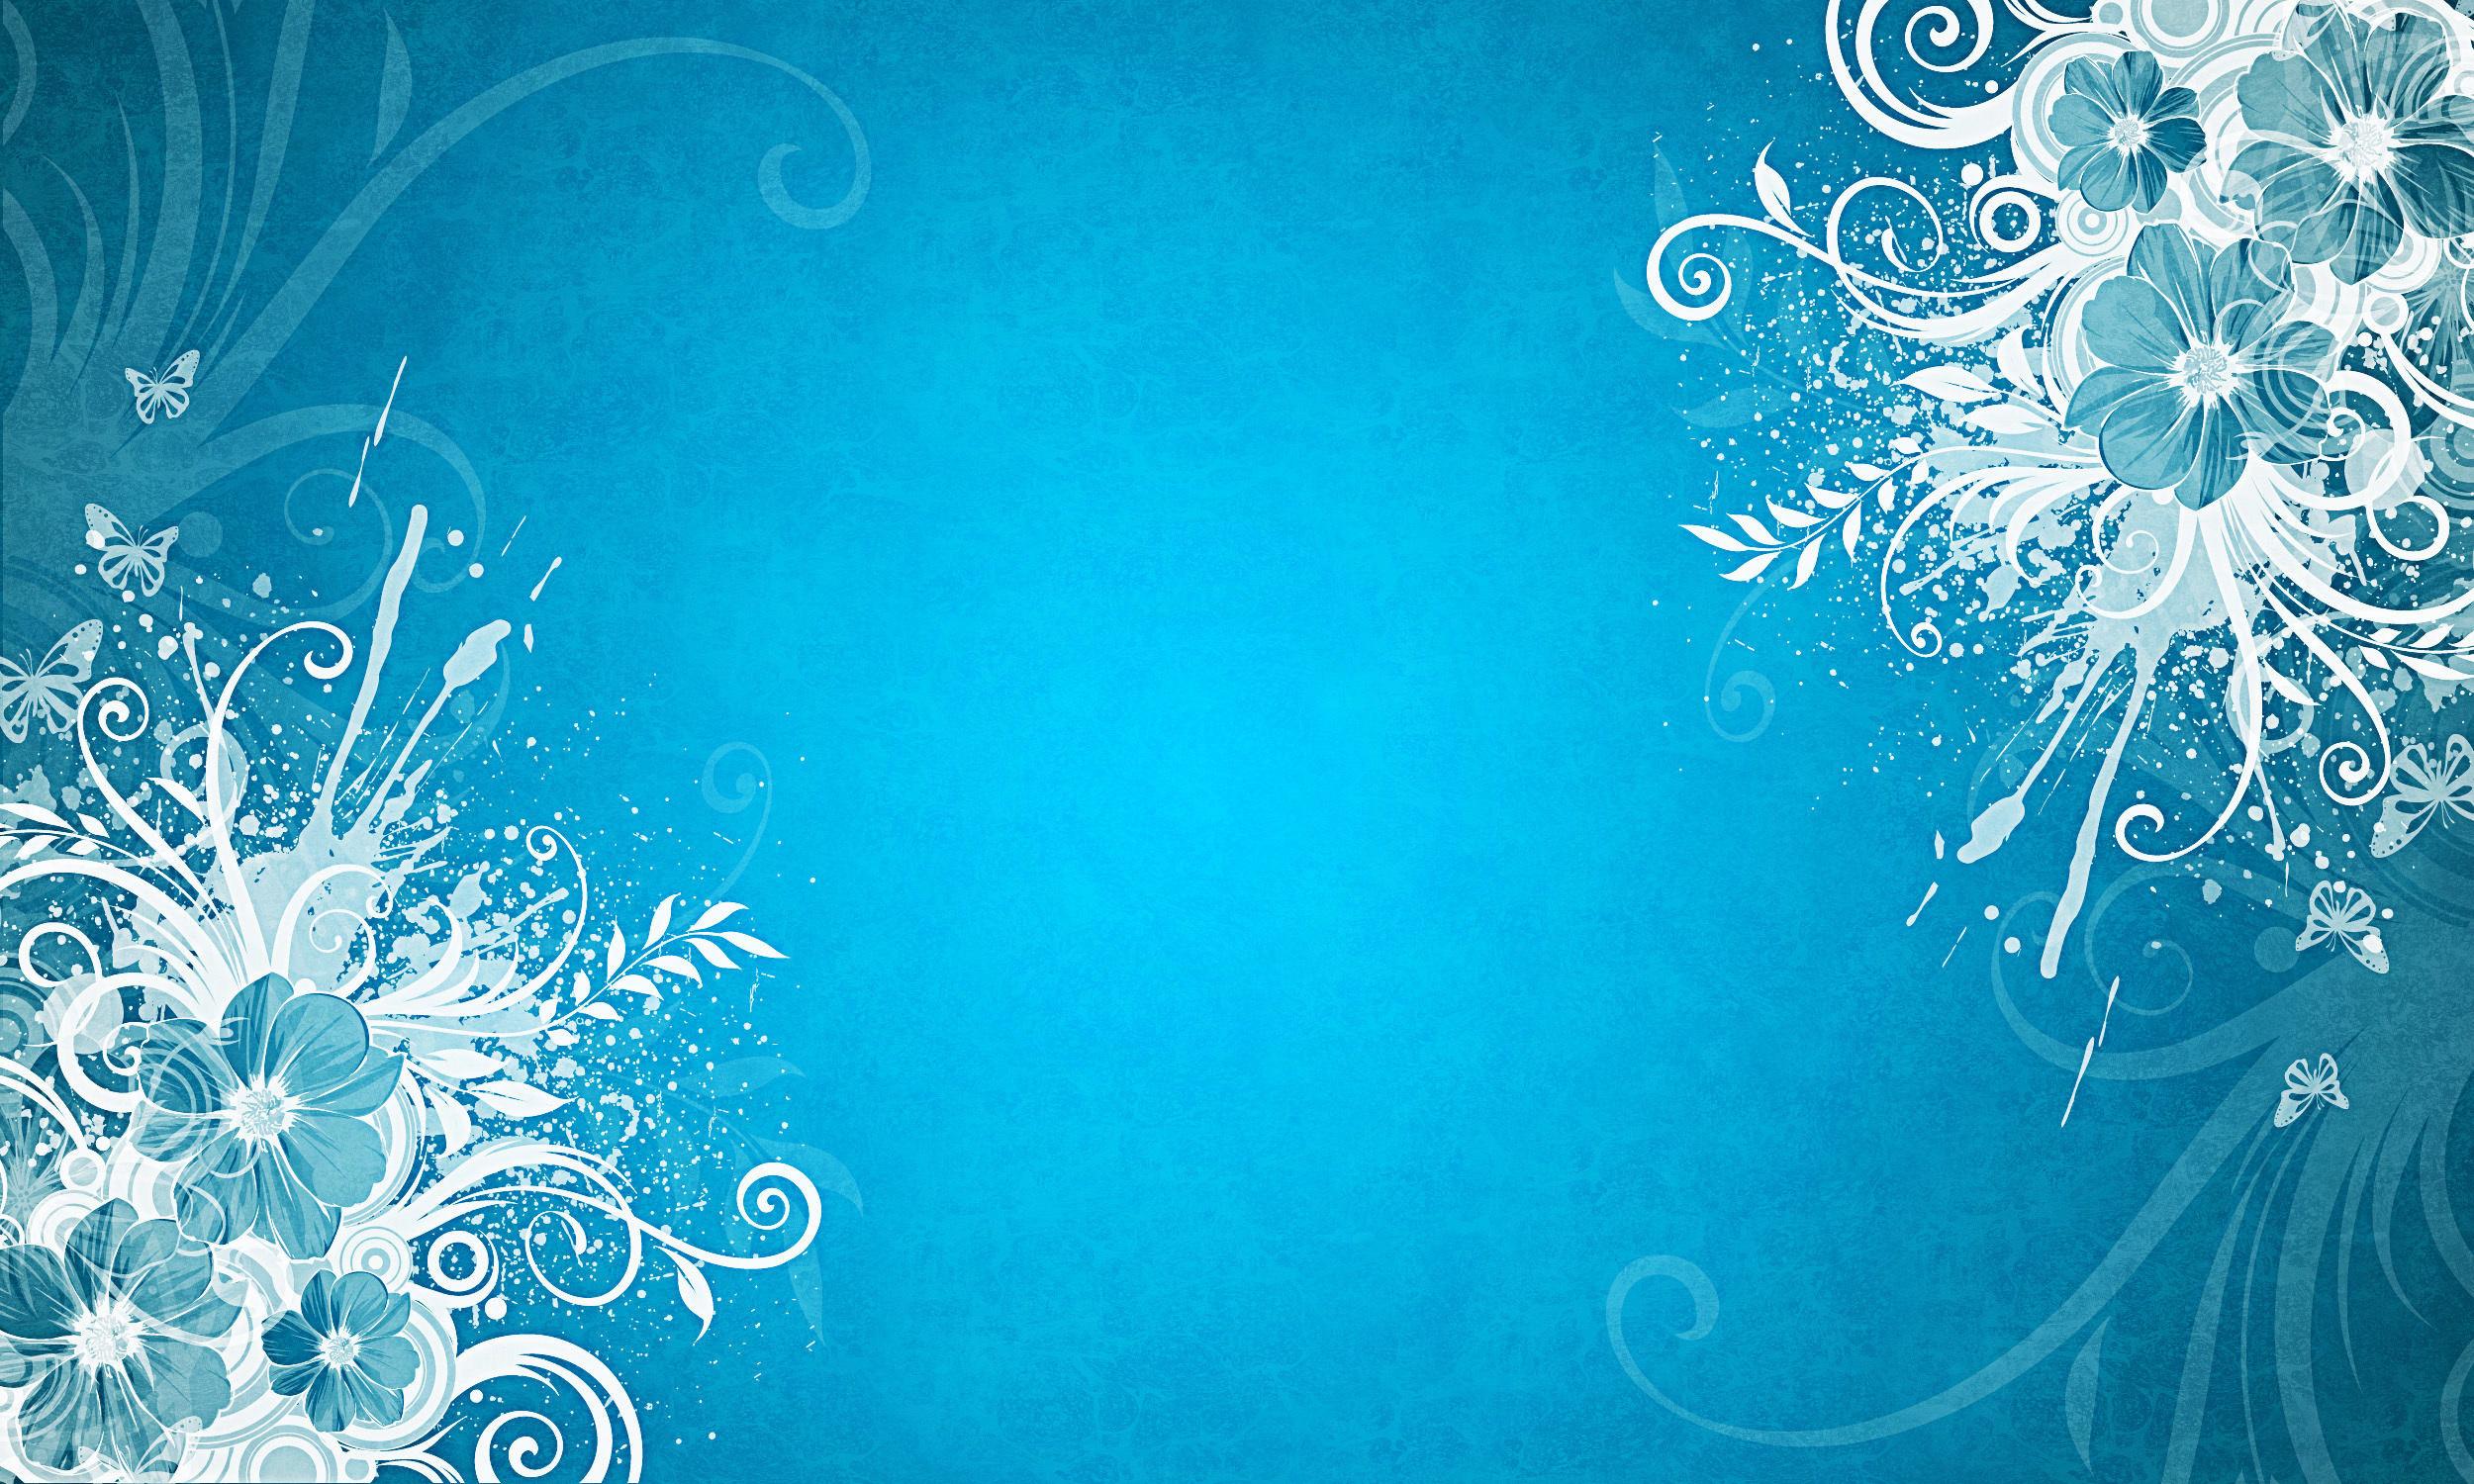 Надписями вконтакте, голубой фон на открытку